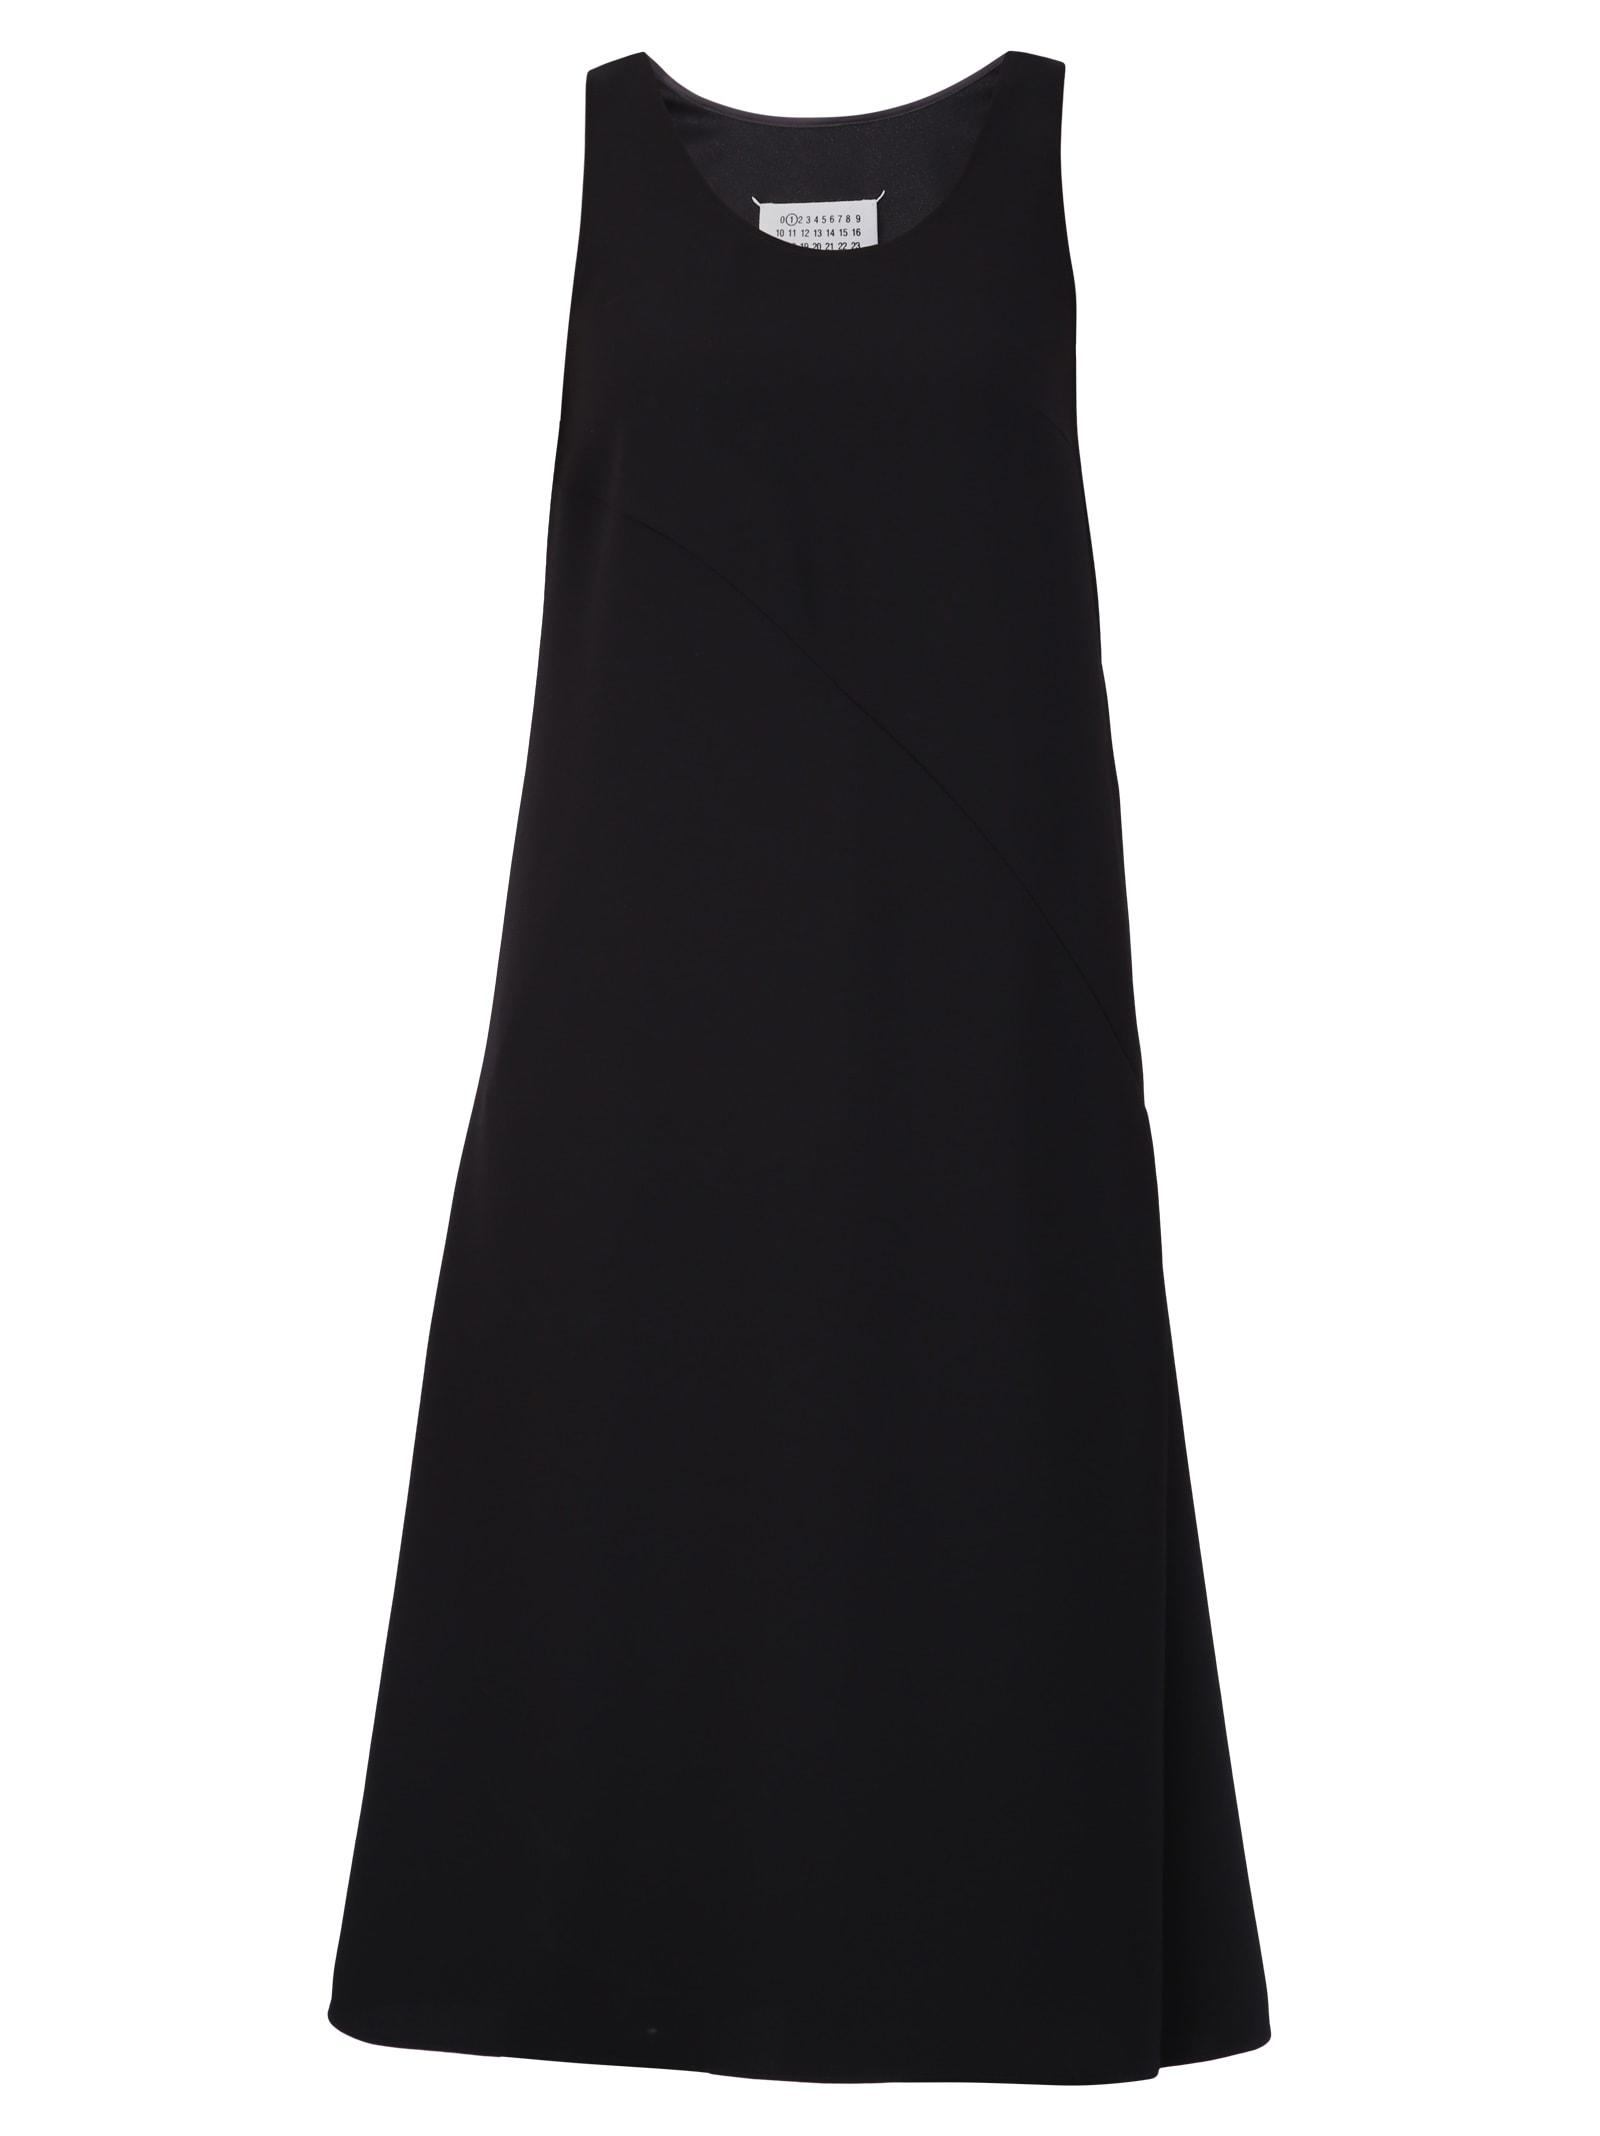 Buy Maison Margiela Sleeveless Dress online, shop Maison Margiela with free shipping